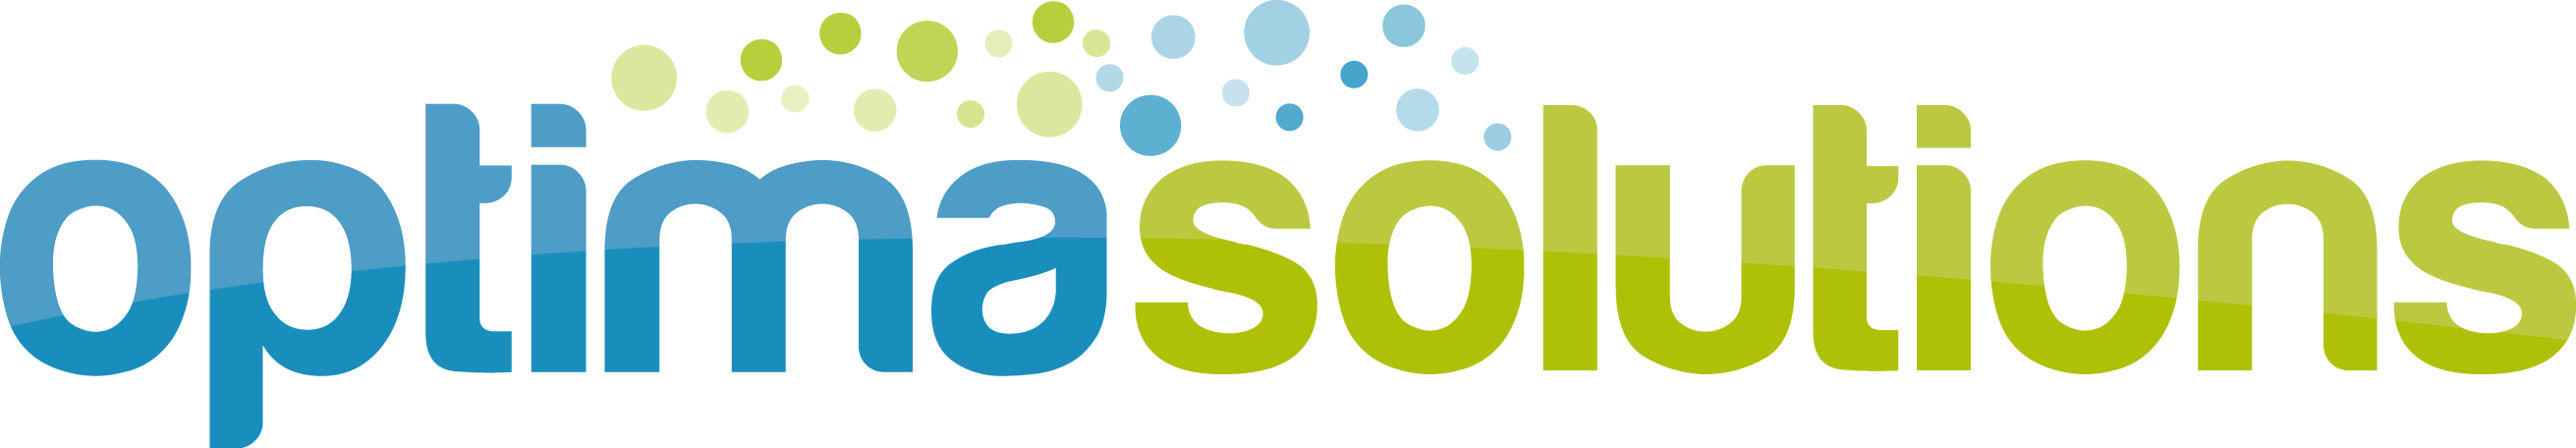 SoftDoit ingresa medio millón de euros y prepara su entrada en nuevos mercados